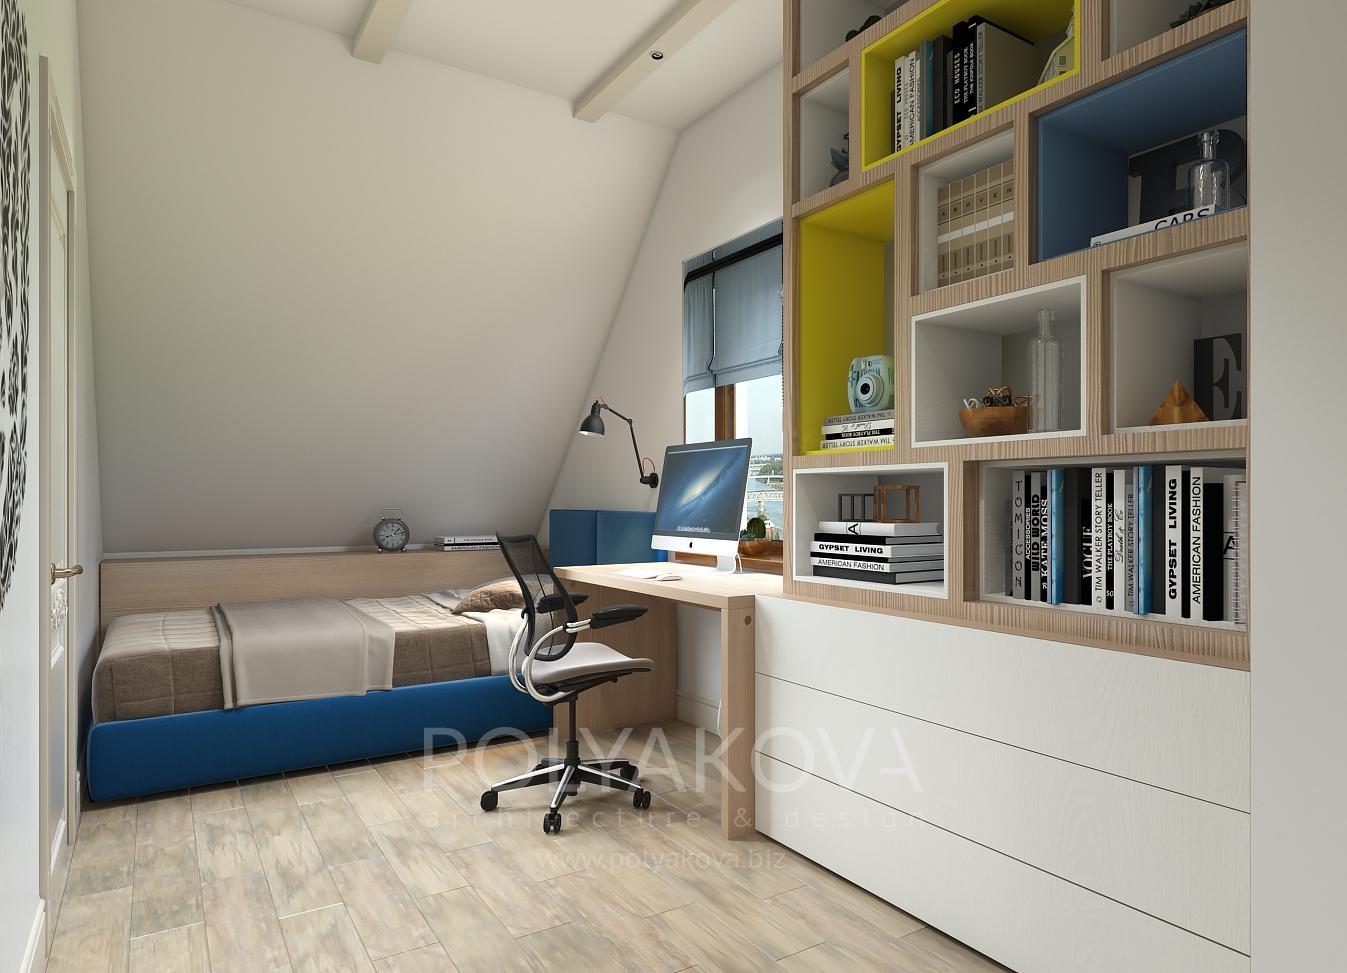 дизайн интерьера детской комнаты для мальчика комната для подростка